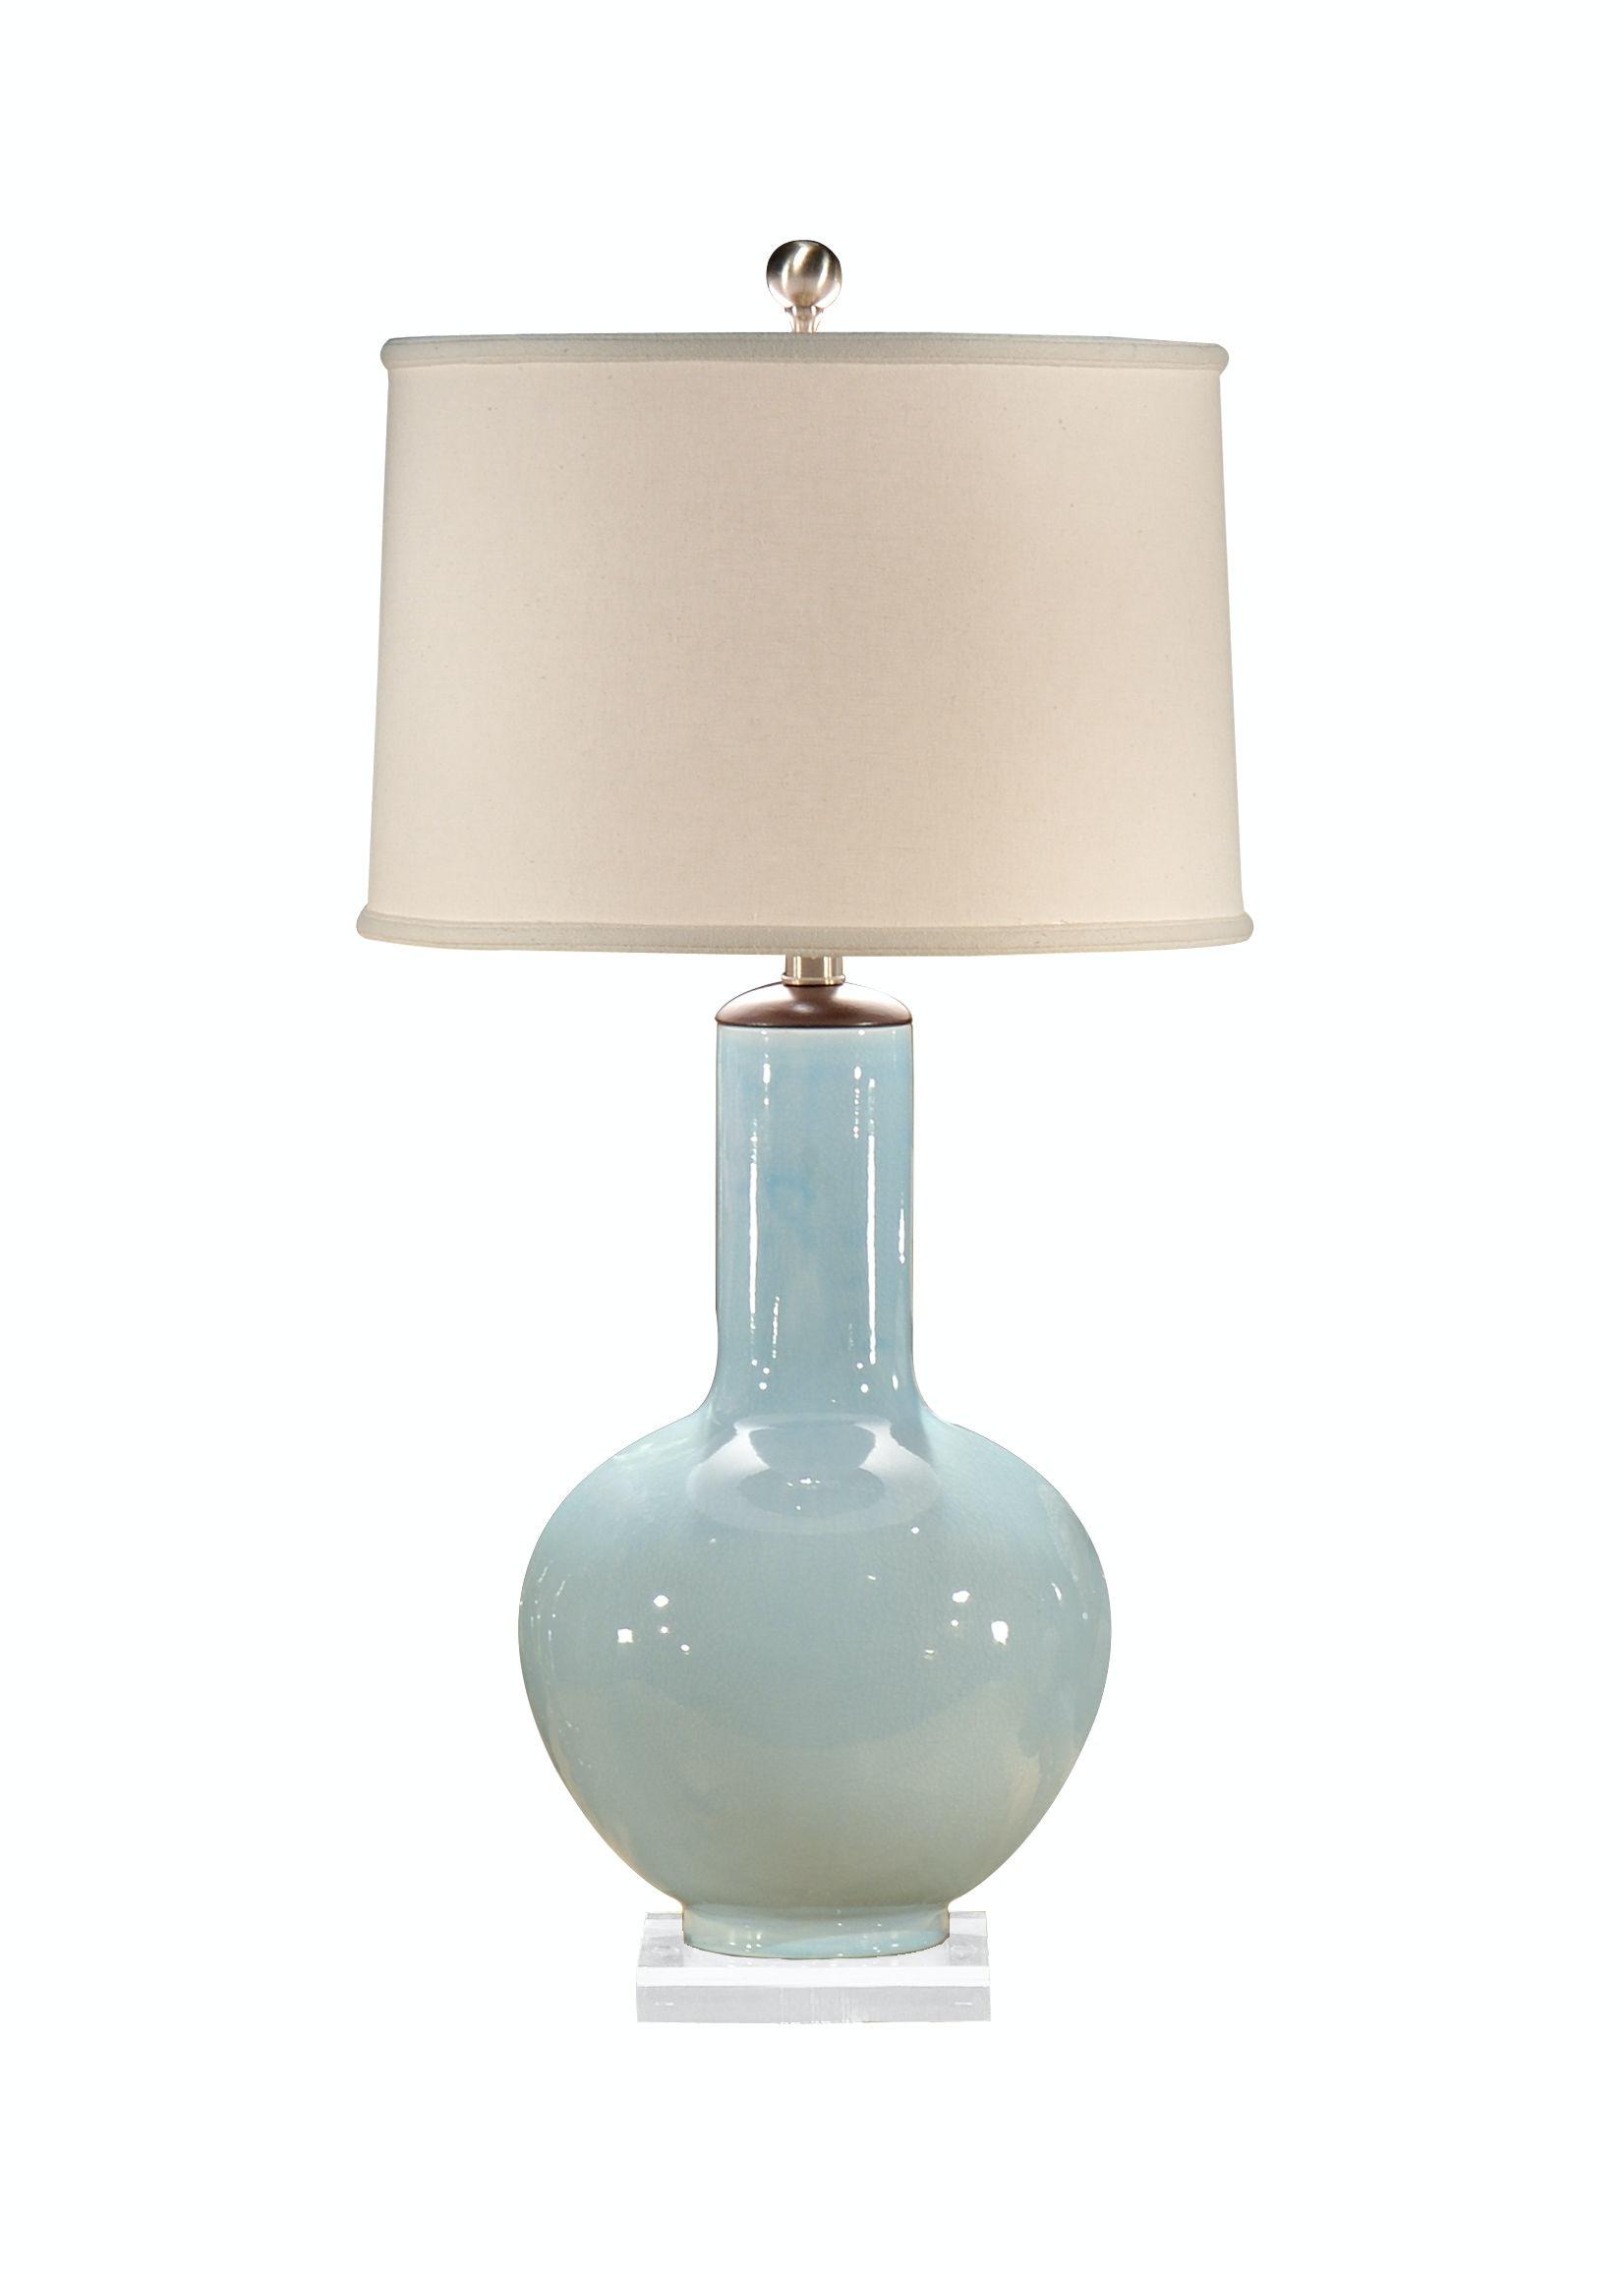 Wildwood Lamps Cayden Lamp 13115